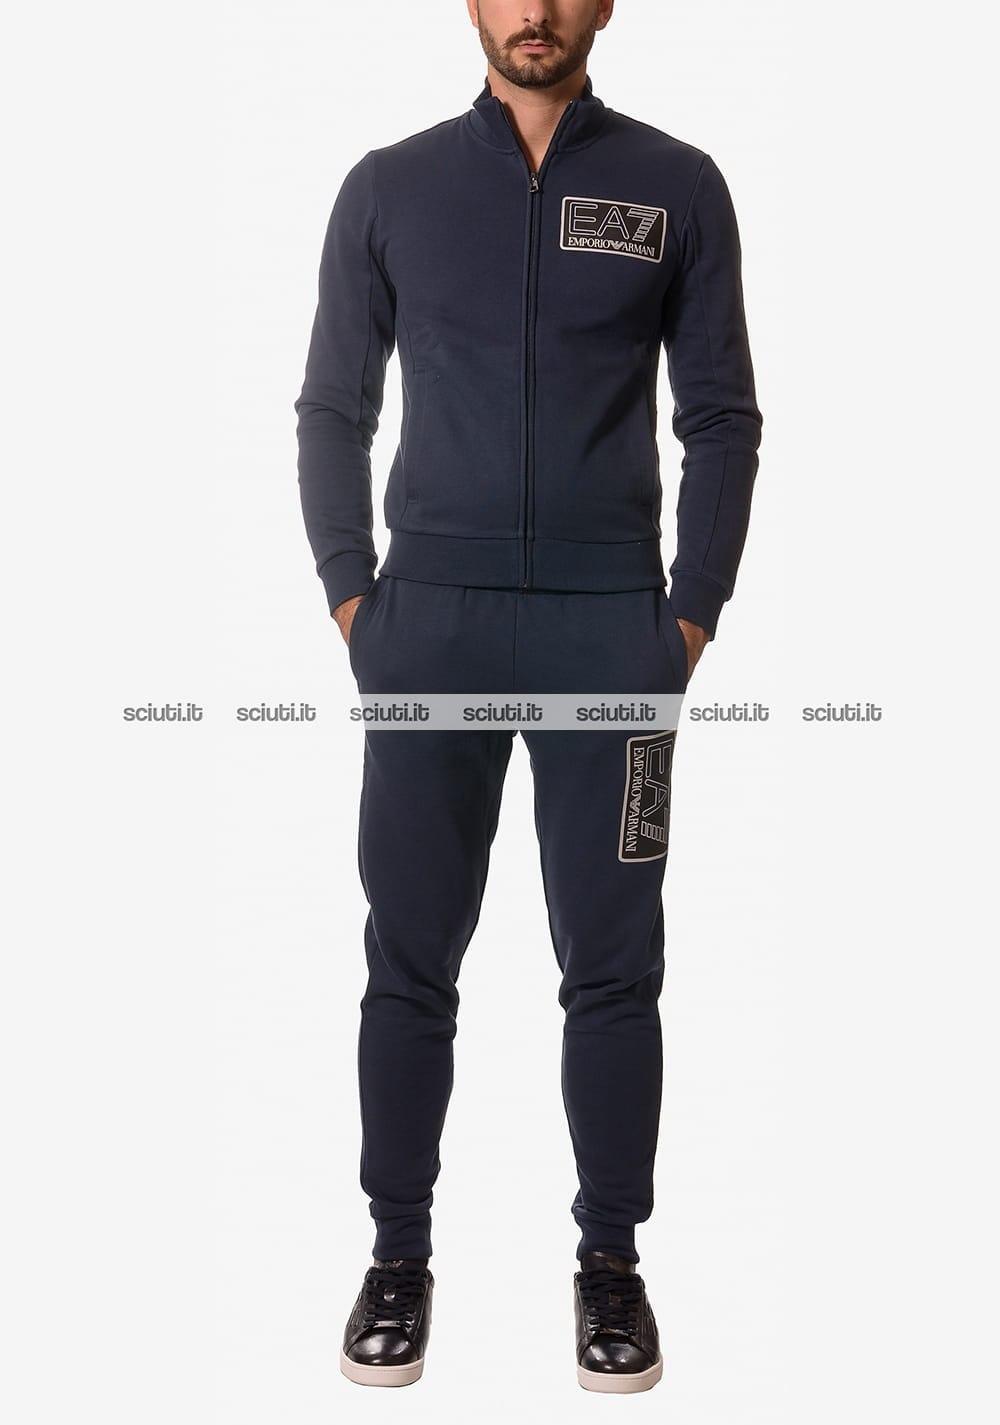 new product 3c1f6 f168d Tuta Emporio Armani uomo logo blu navy | Sciuti.it